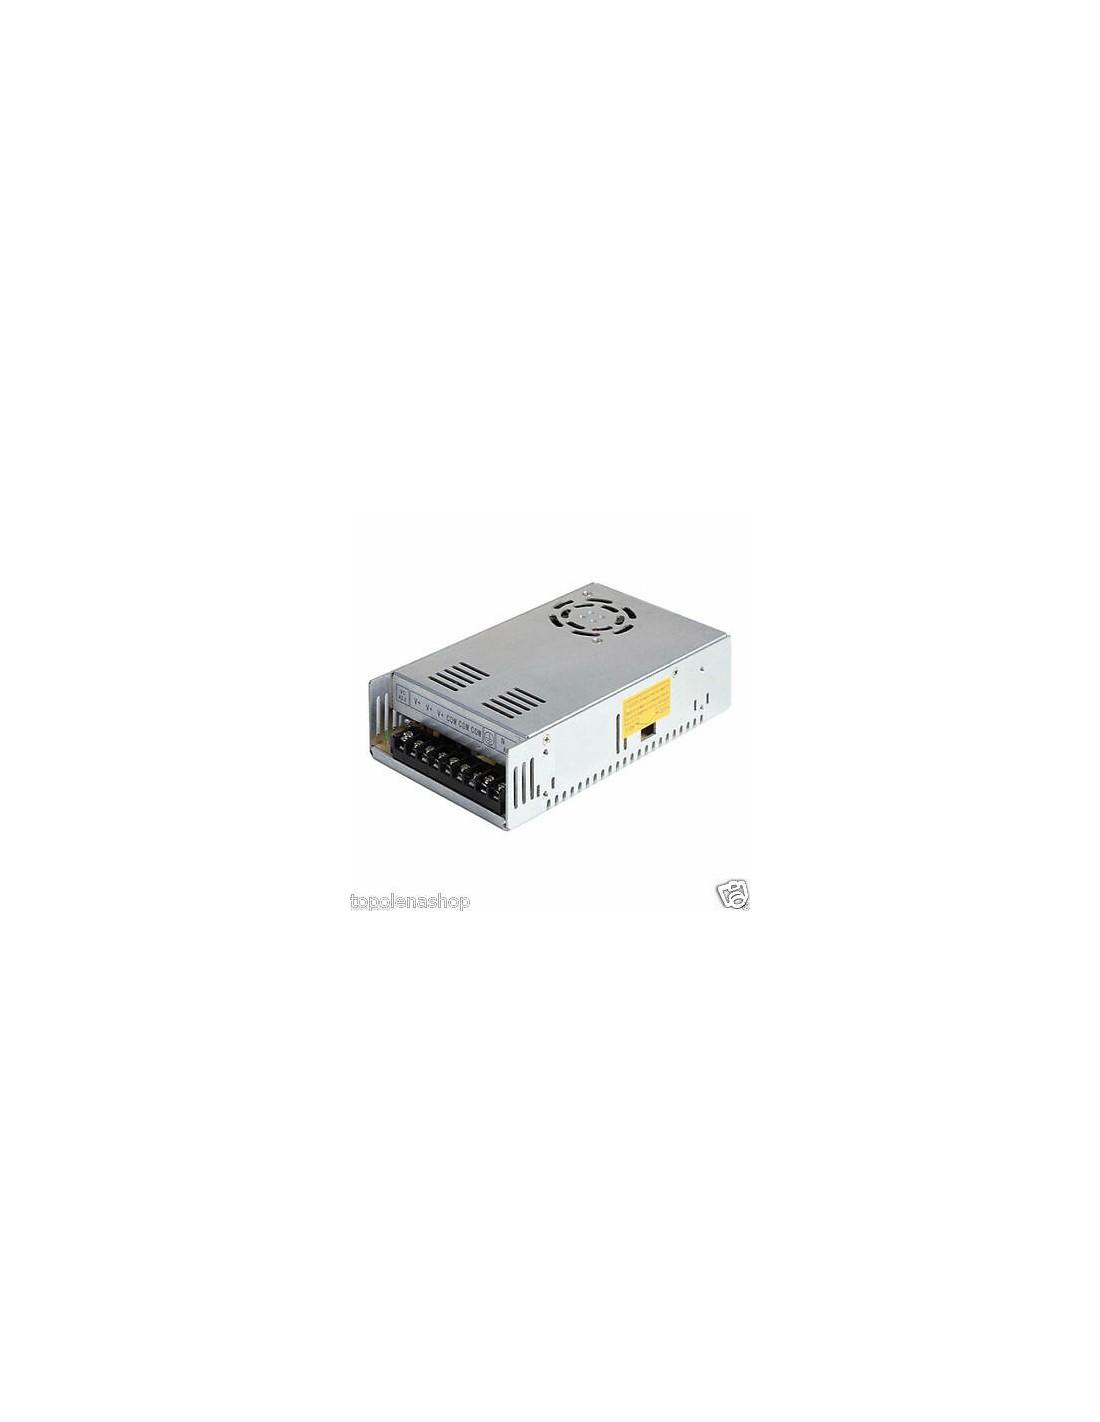 Allarme antifurto con sensore pir di movimento per casa ufficio negozio wireless topolenashop - Antifurti per casa wireless ...